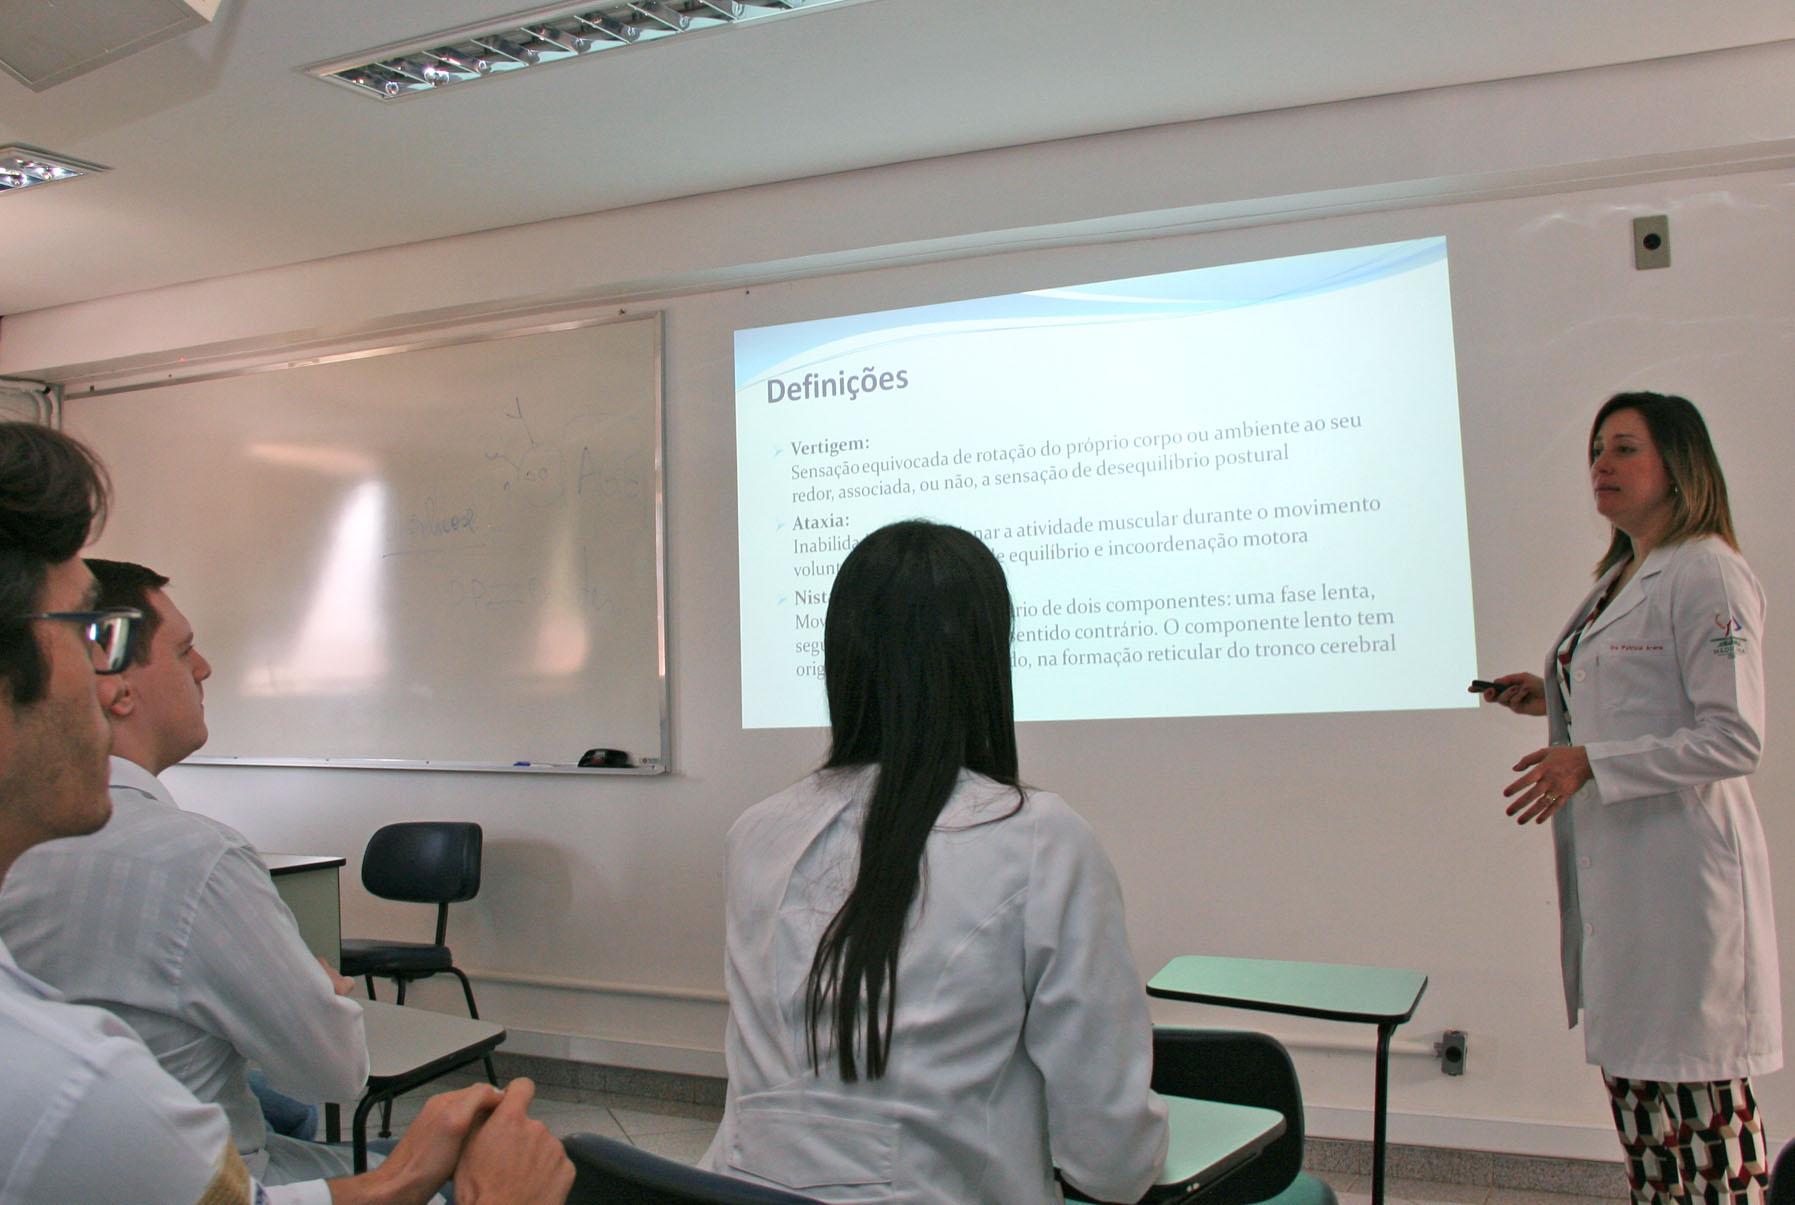 Jornada na USP em Bauru discute tontura e distúrbios do equilíbrio